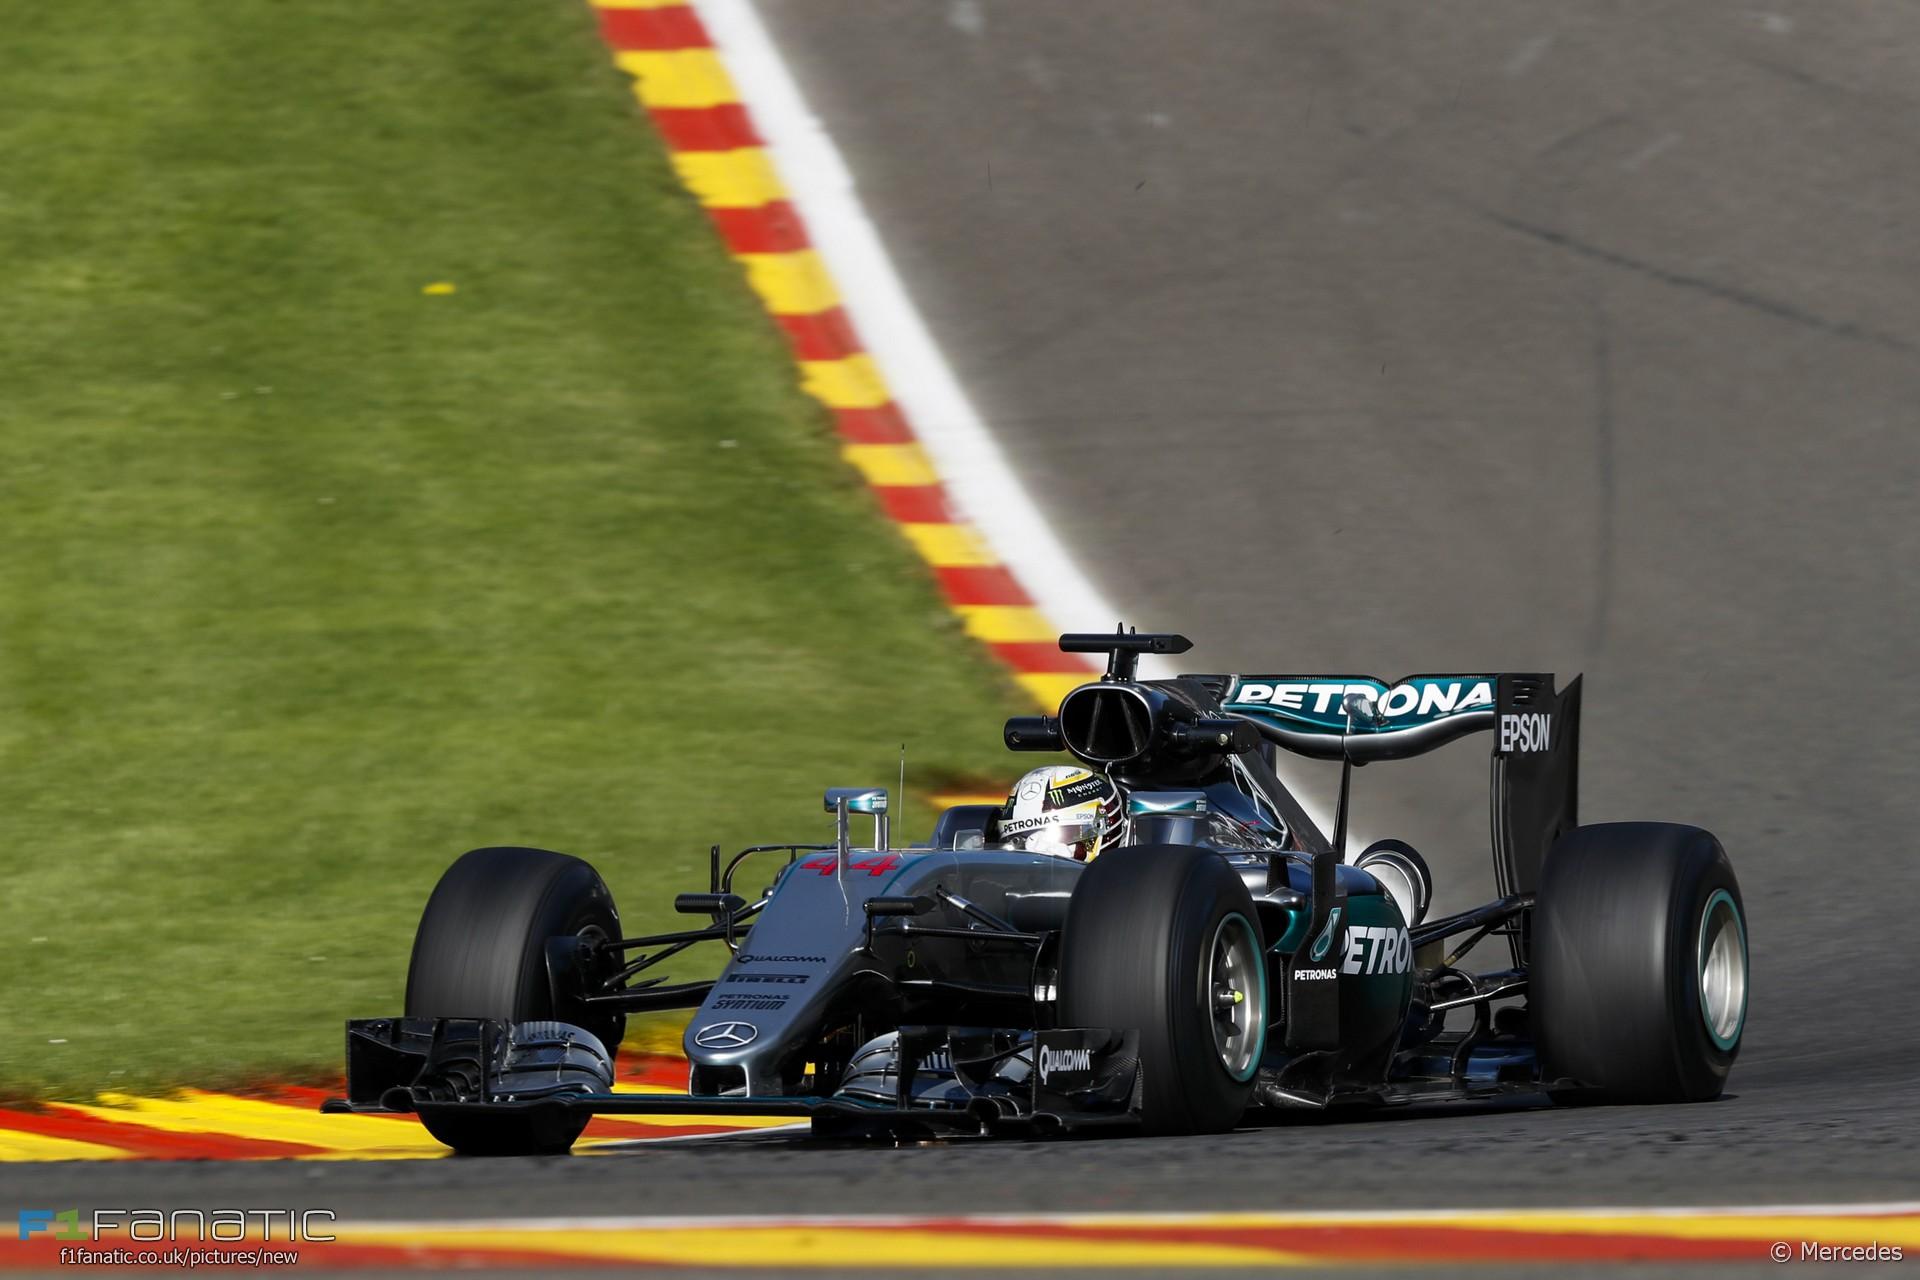 Lewis Hamilton, Mercedes, Spa-Francorchamps, 2016